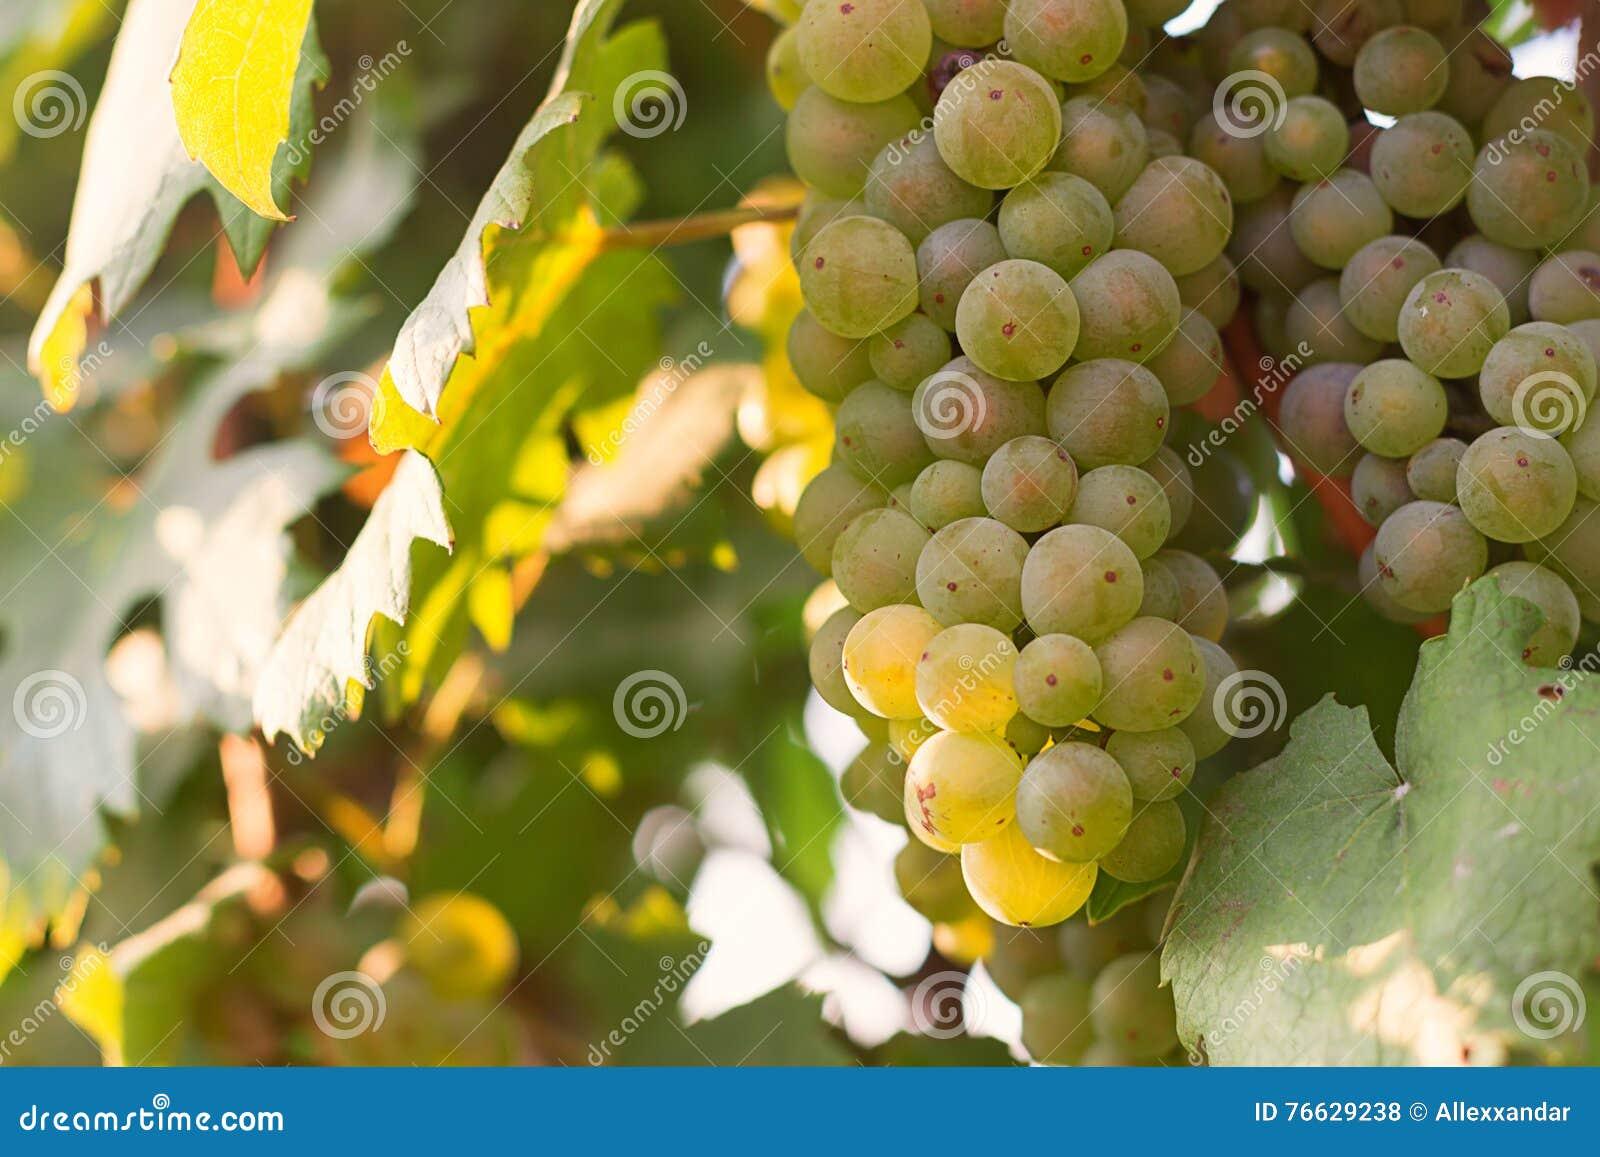 Δέσμες των πράσινων σταφυλιών κρασιού που αυξάνονται στον αμπελώνα Κλείστε επάνω την άποψη του φρέσκου πράσινου σταφυλιού κρασιού